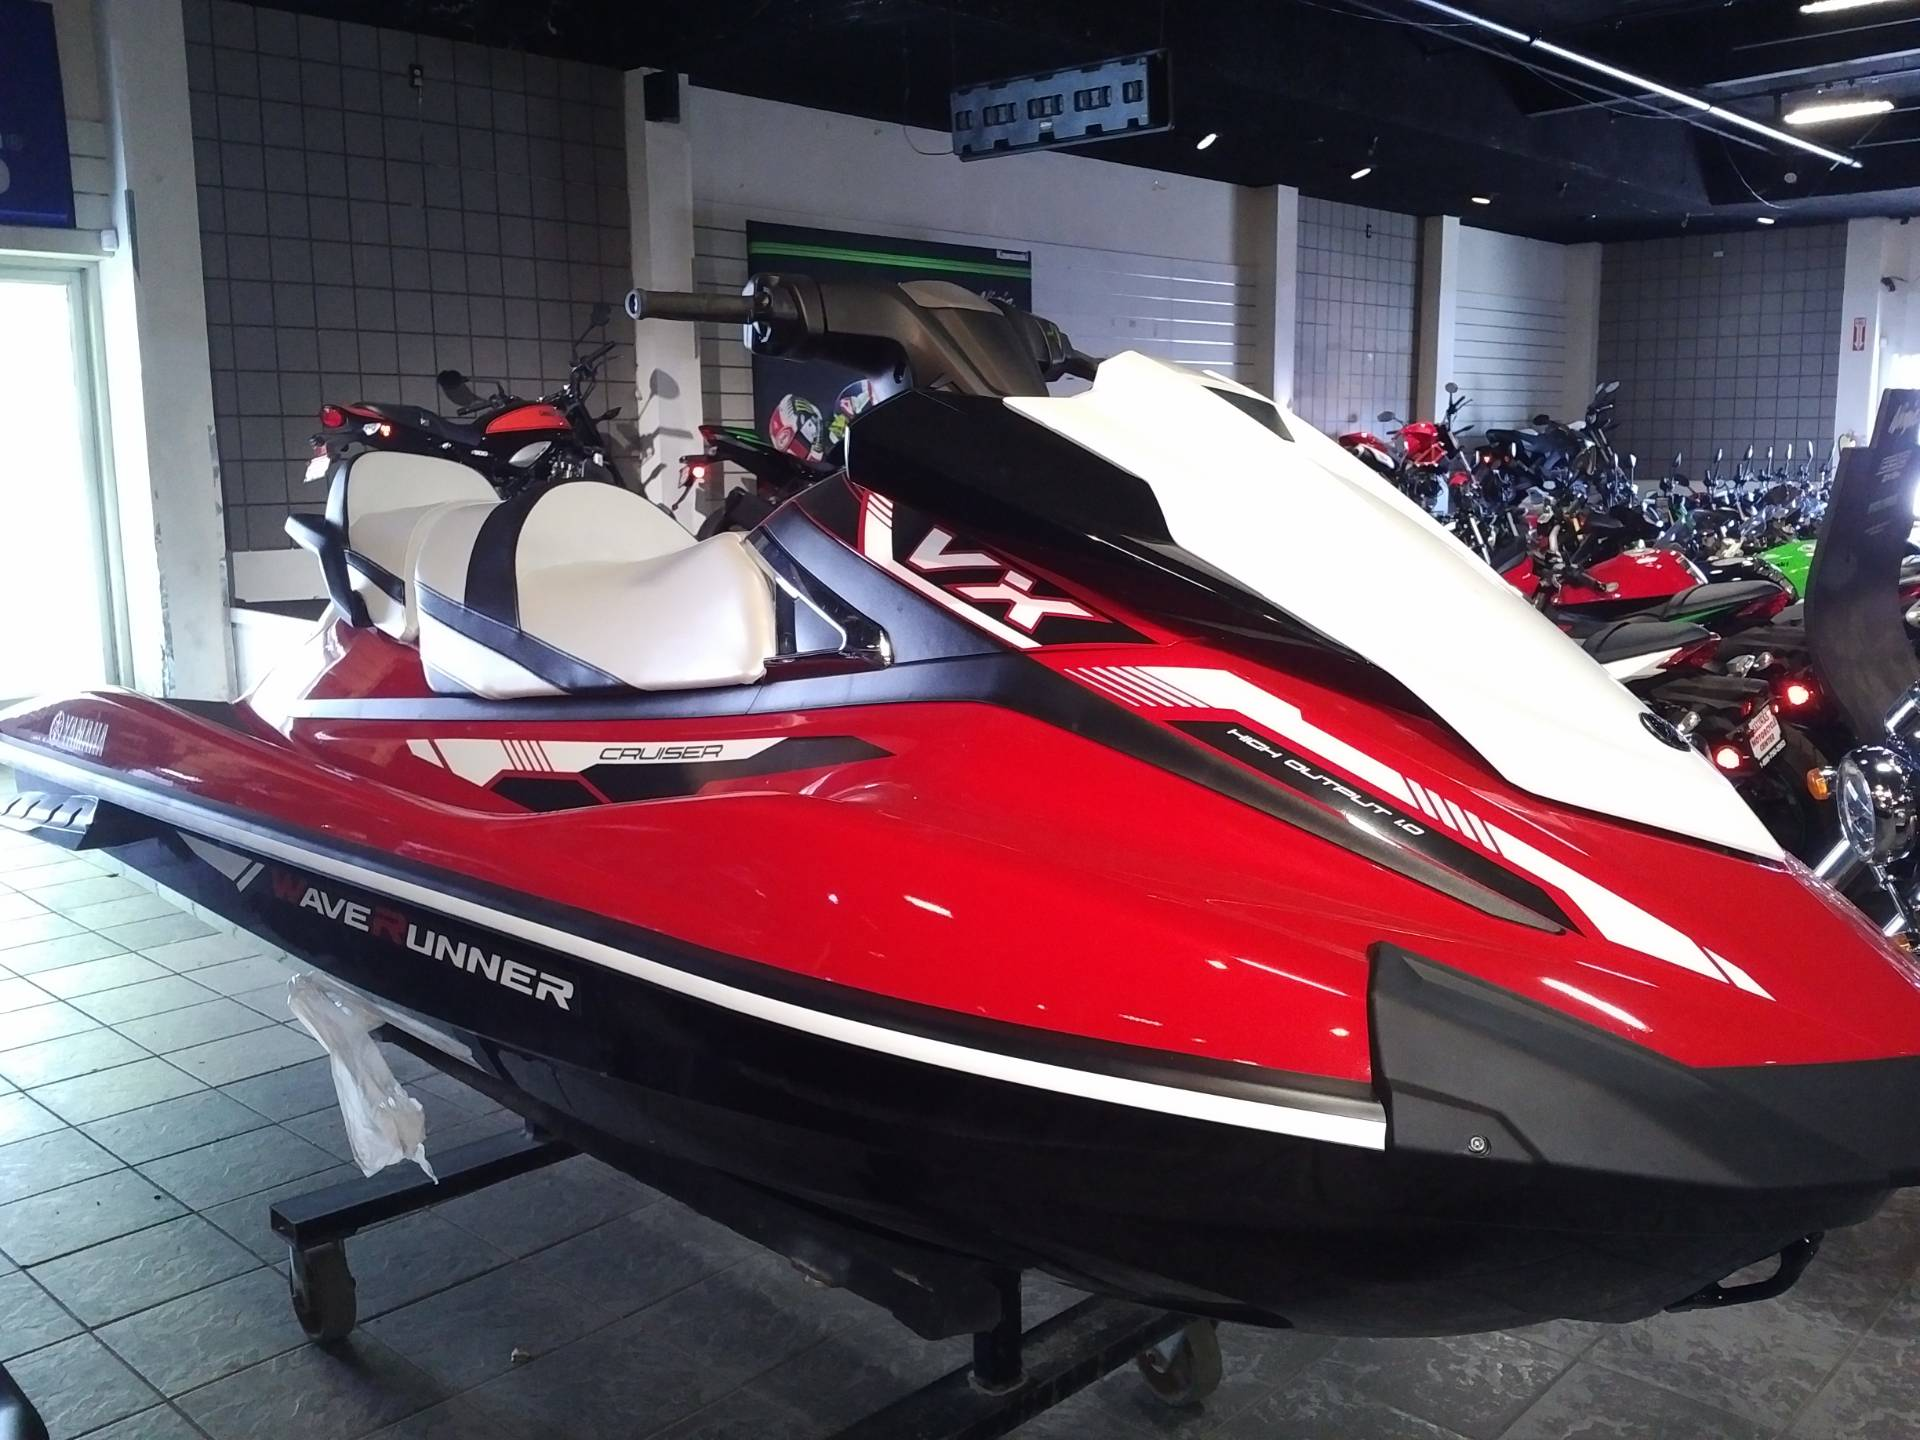 New 2018 yamaha vx cruiser powersports in salinas ca for Yamaha cruiser 2018